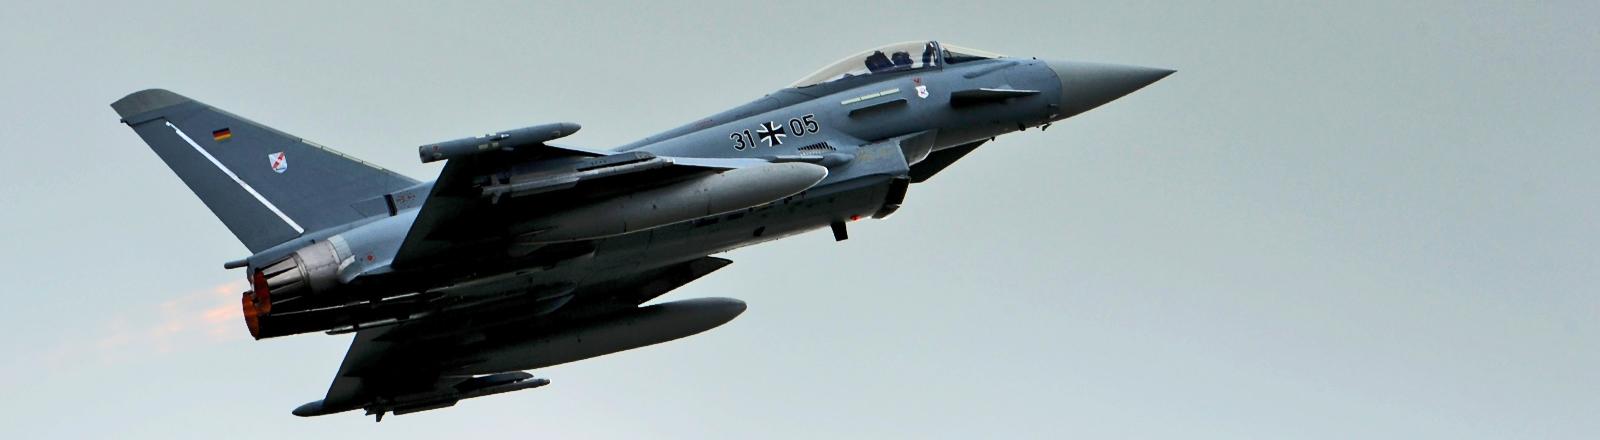 Ein Eurofighter-Abfangjäger der Alarmrotte startet am 13.05.2014 auf den Flugplatz der Luftwaffe in Wittmund zu einem Demonstrationsflug für die Bundesverteidigungsministerin.